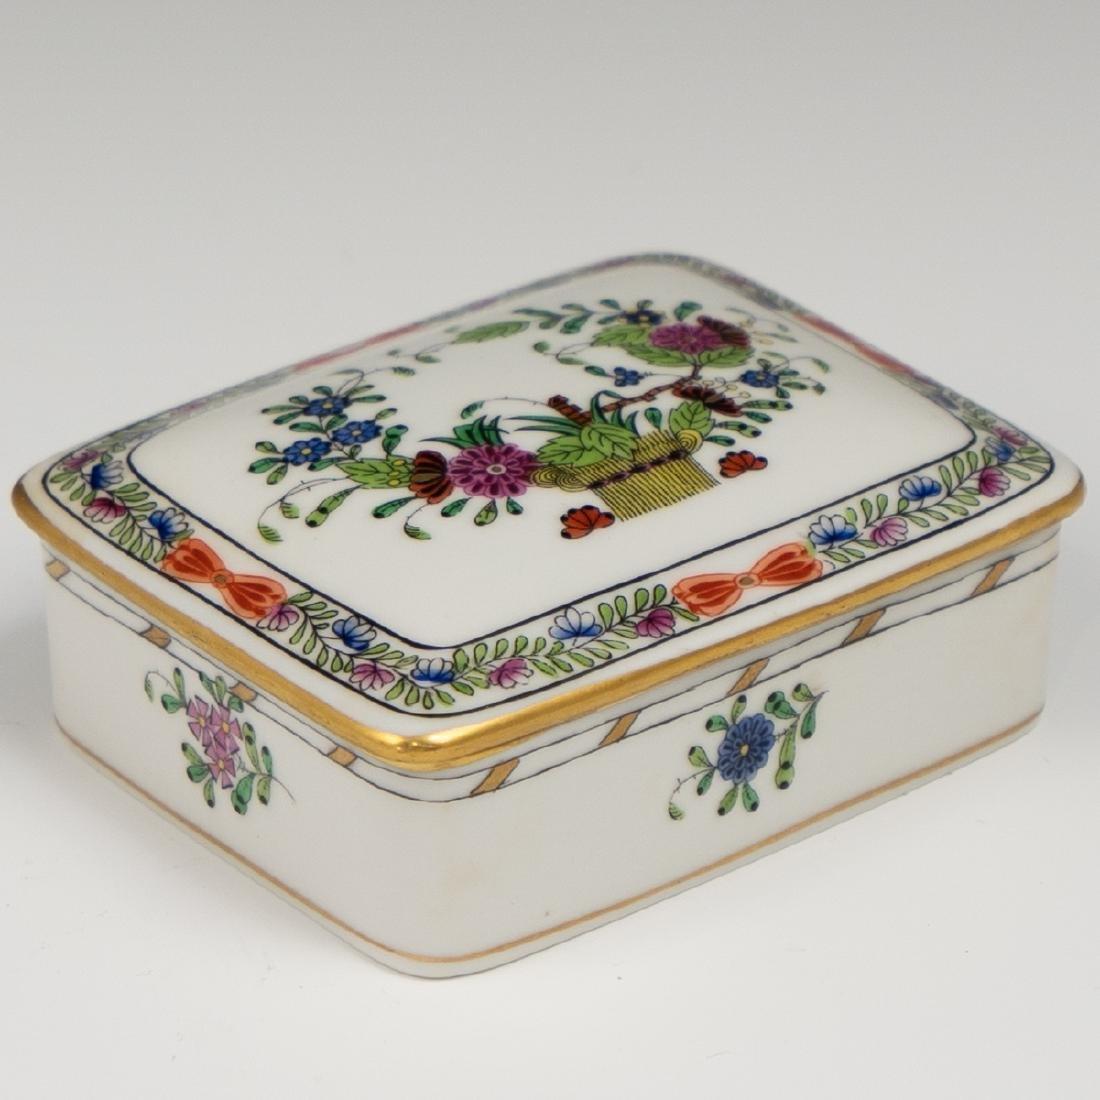 Herend Porcelain Trinket Box